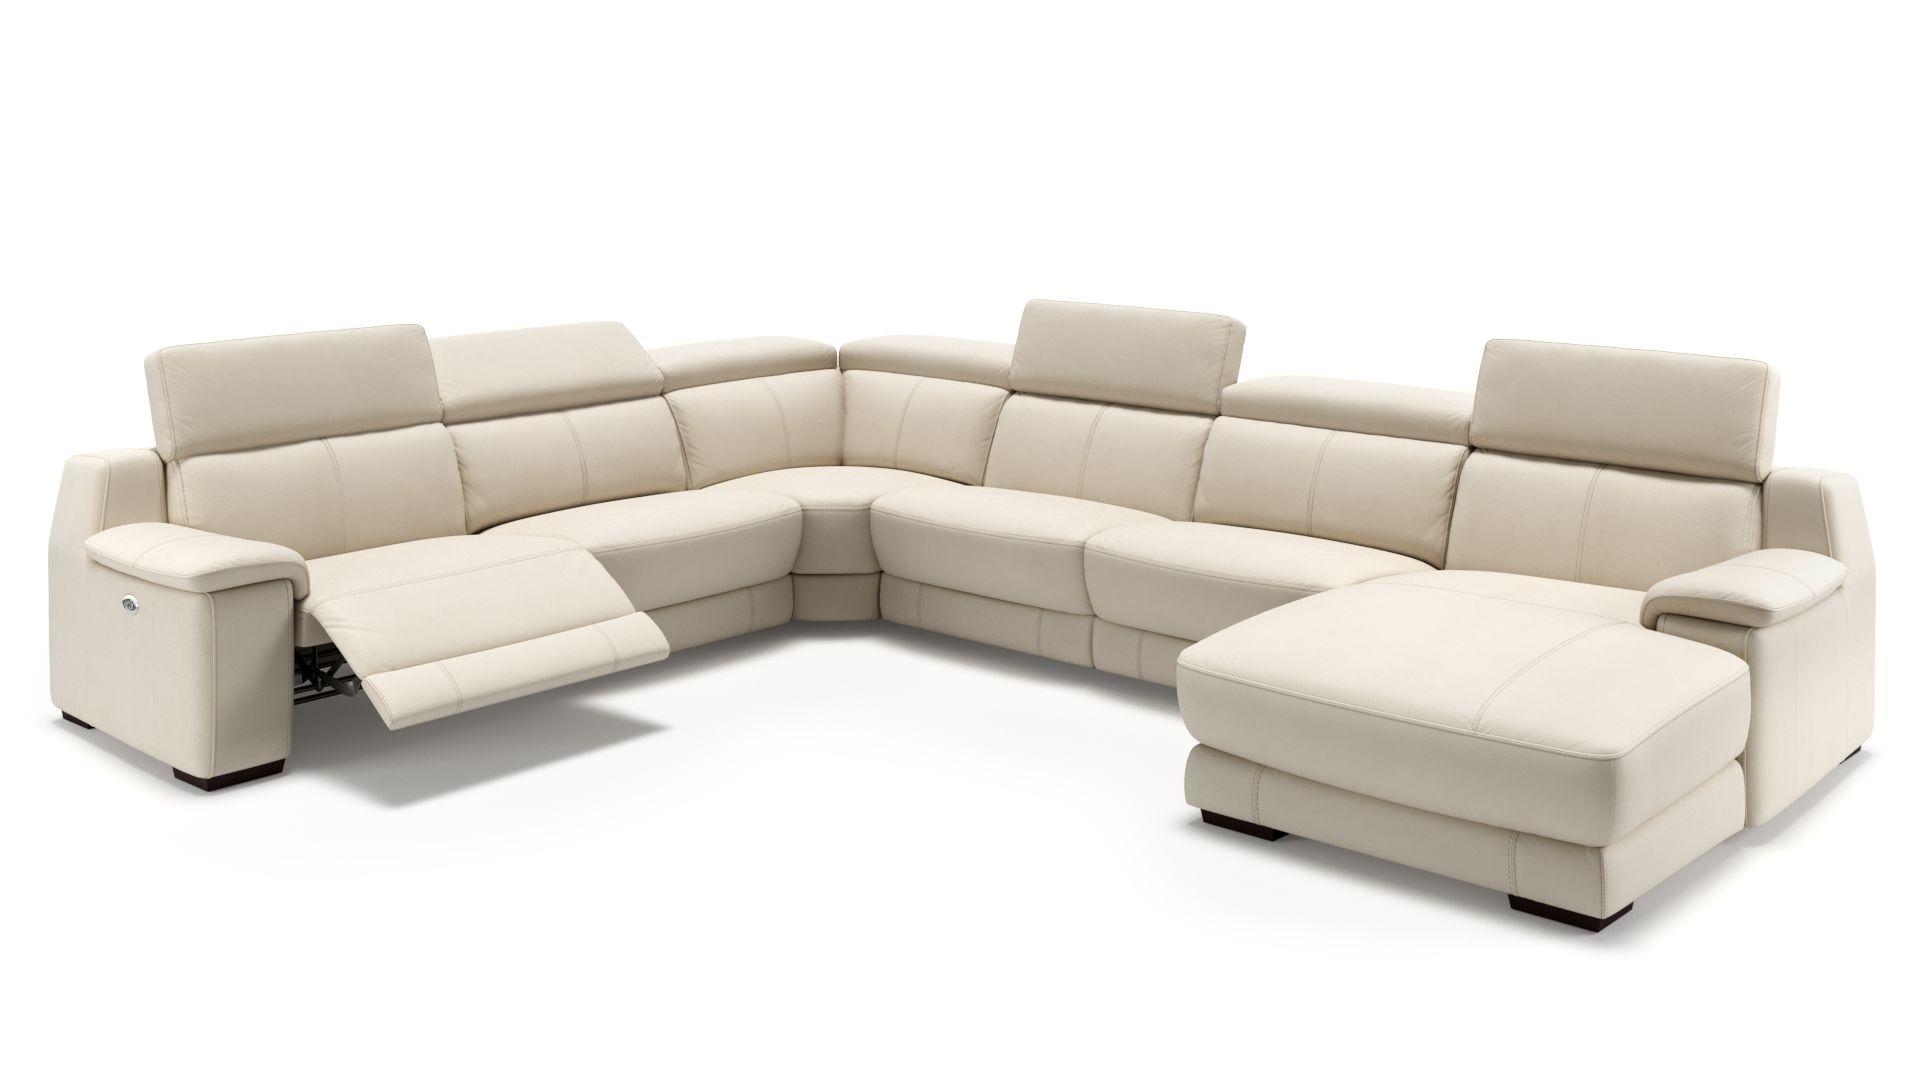 Full Size of Modernes Sofa In U Form Mit Relaxfunktion Sofanella Unterschrank Bad Big Weiß Badewanne Dusche Bett 90x200 Lattenrost Und Matratze Bunt Kurzzeitmesser Küche Sofa Sofa U Form